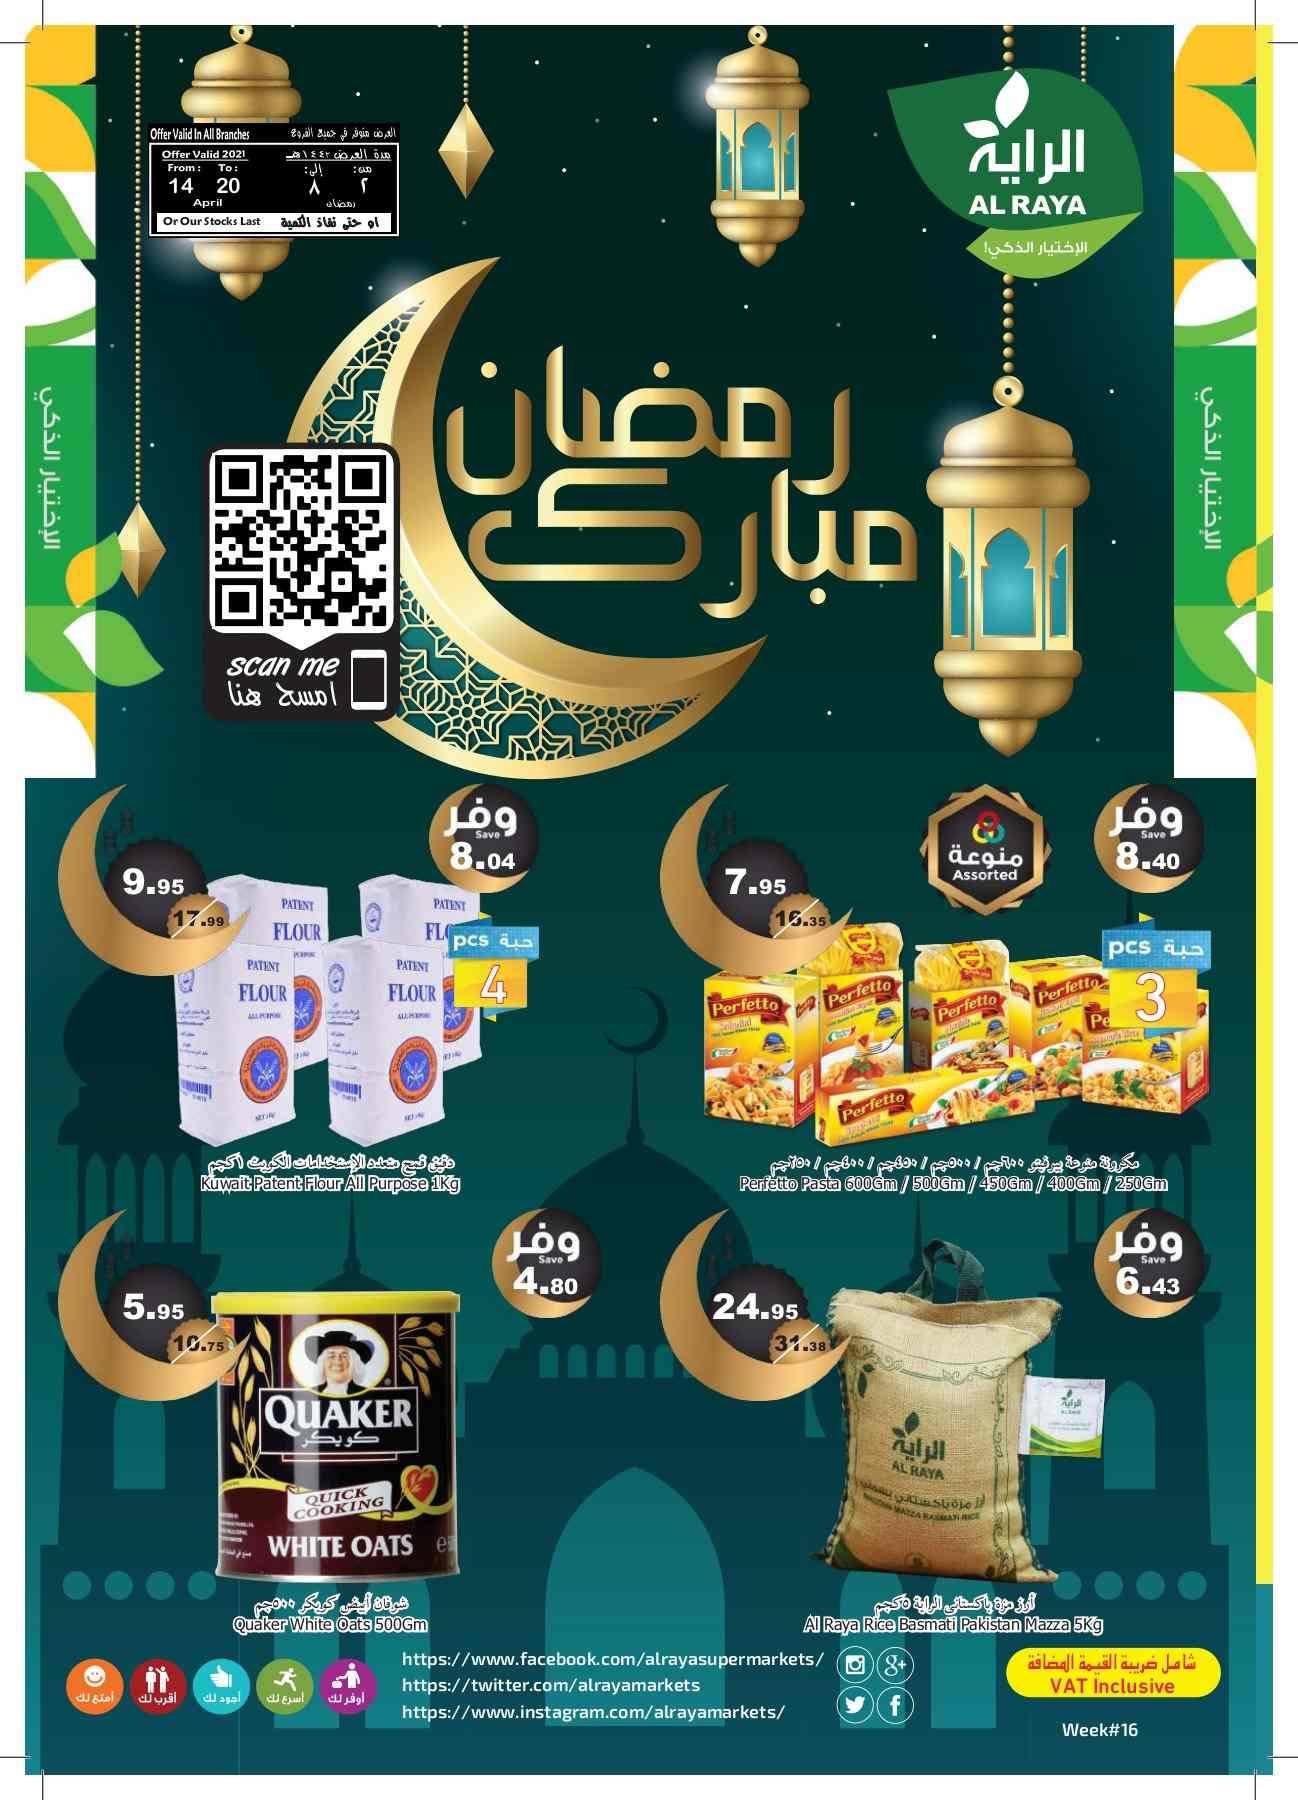 عروض الراية السعودية اليوم 14 ابريل حتى 20 ابريل 2021 رمضان كريم